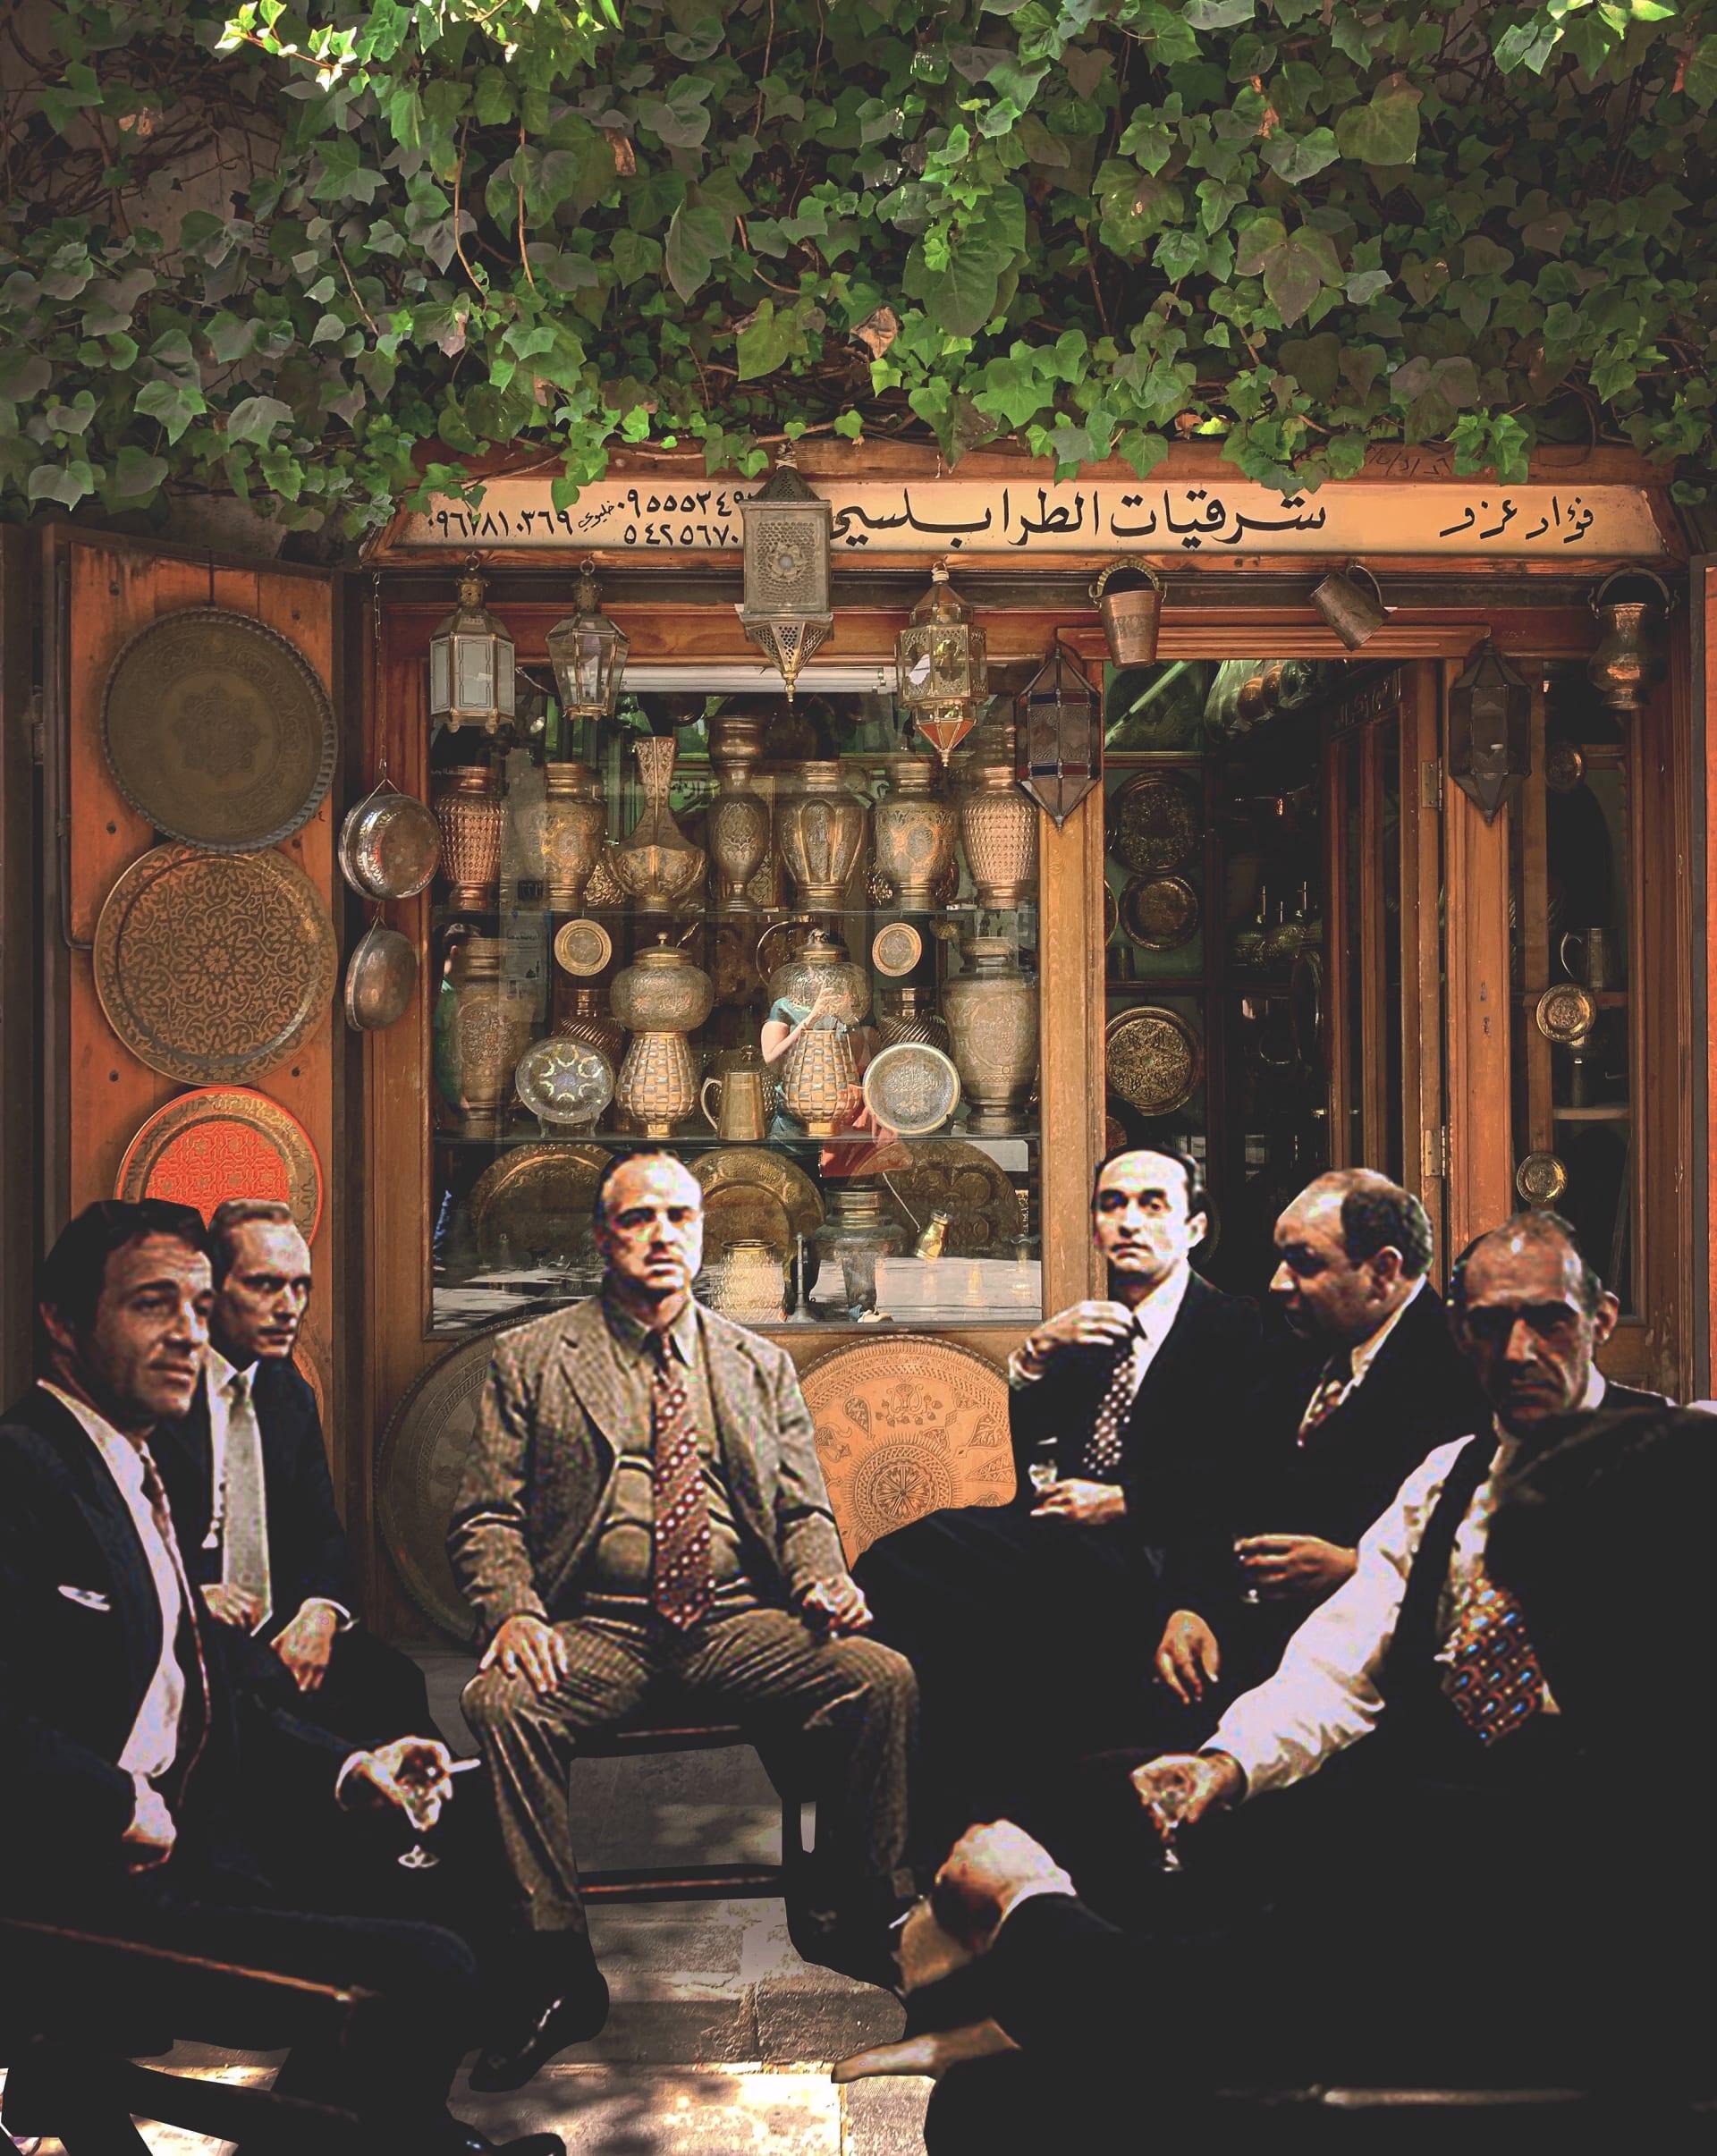 فيلم هوليودي بطابع سوري